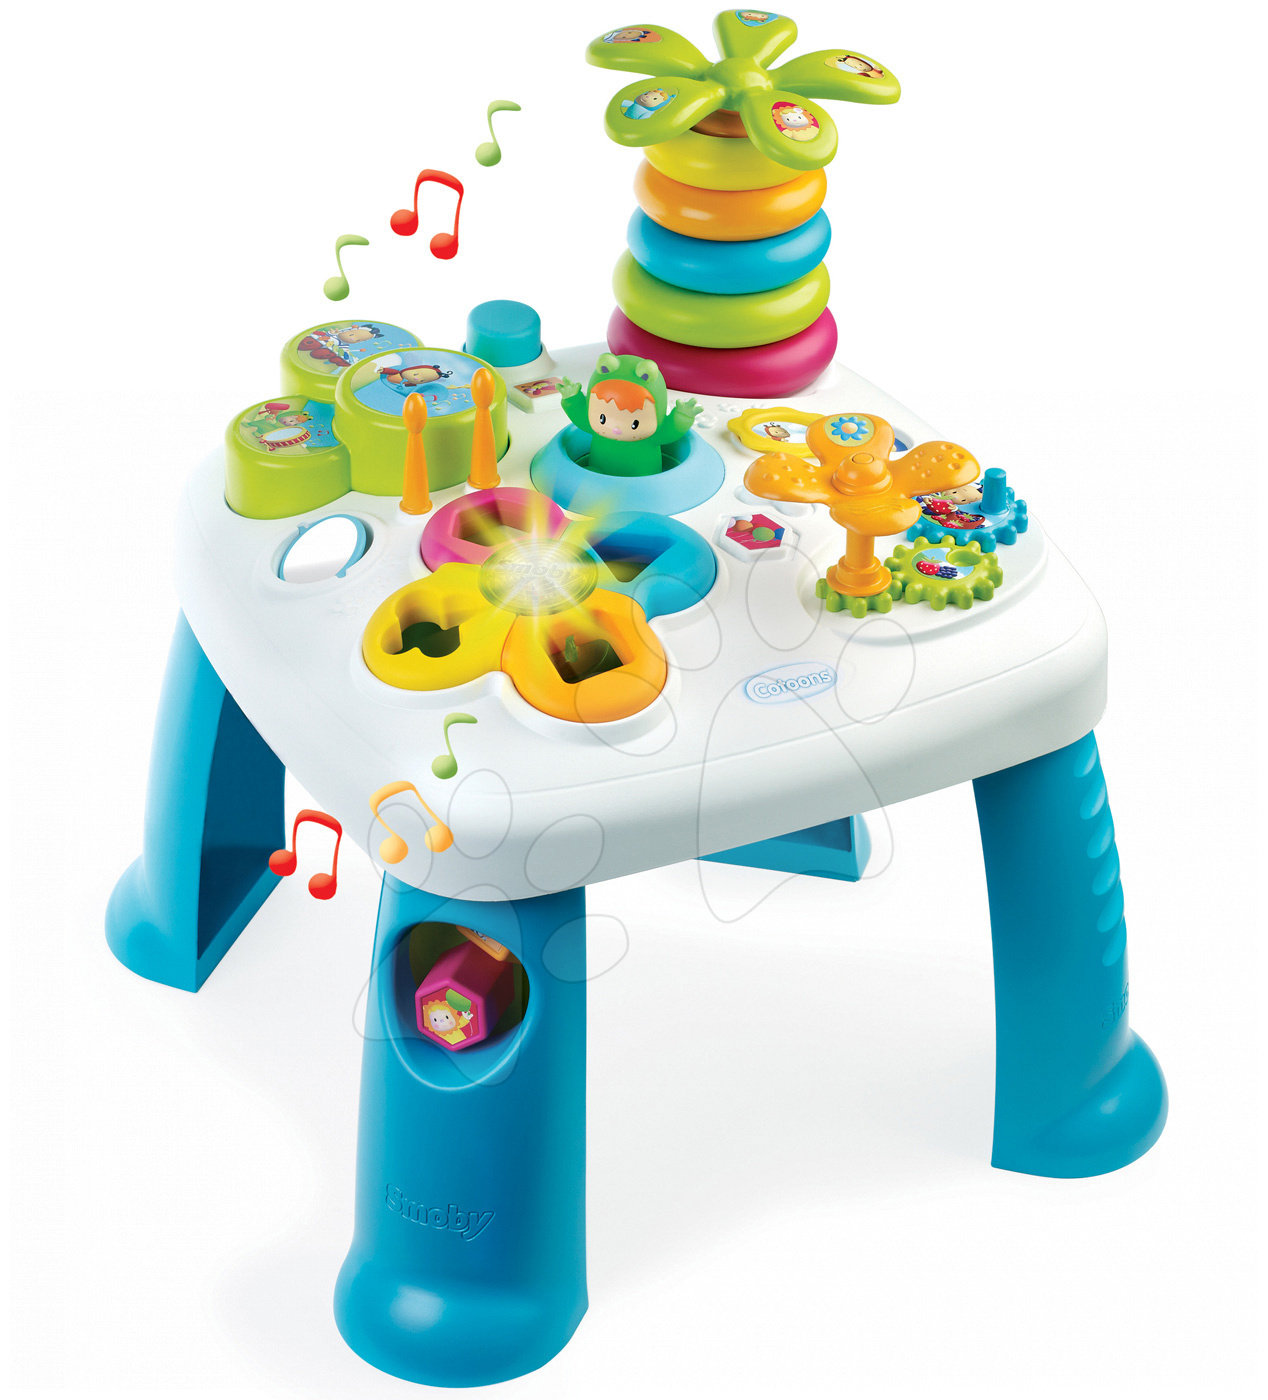 Didaktický stolek Cotoons Smoby s funkcemi se světlem a zvukem modrý od 12 měsíců